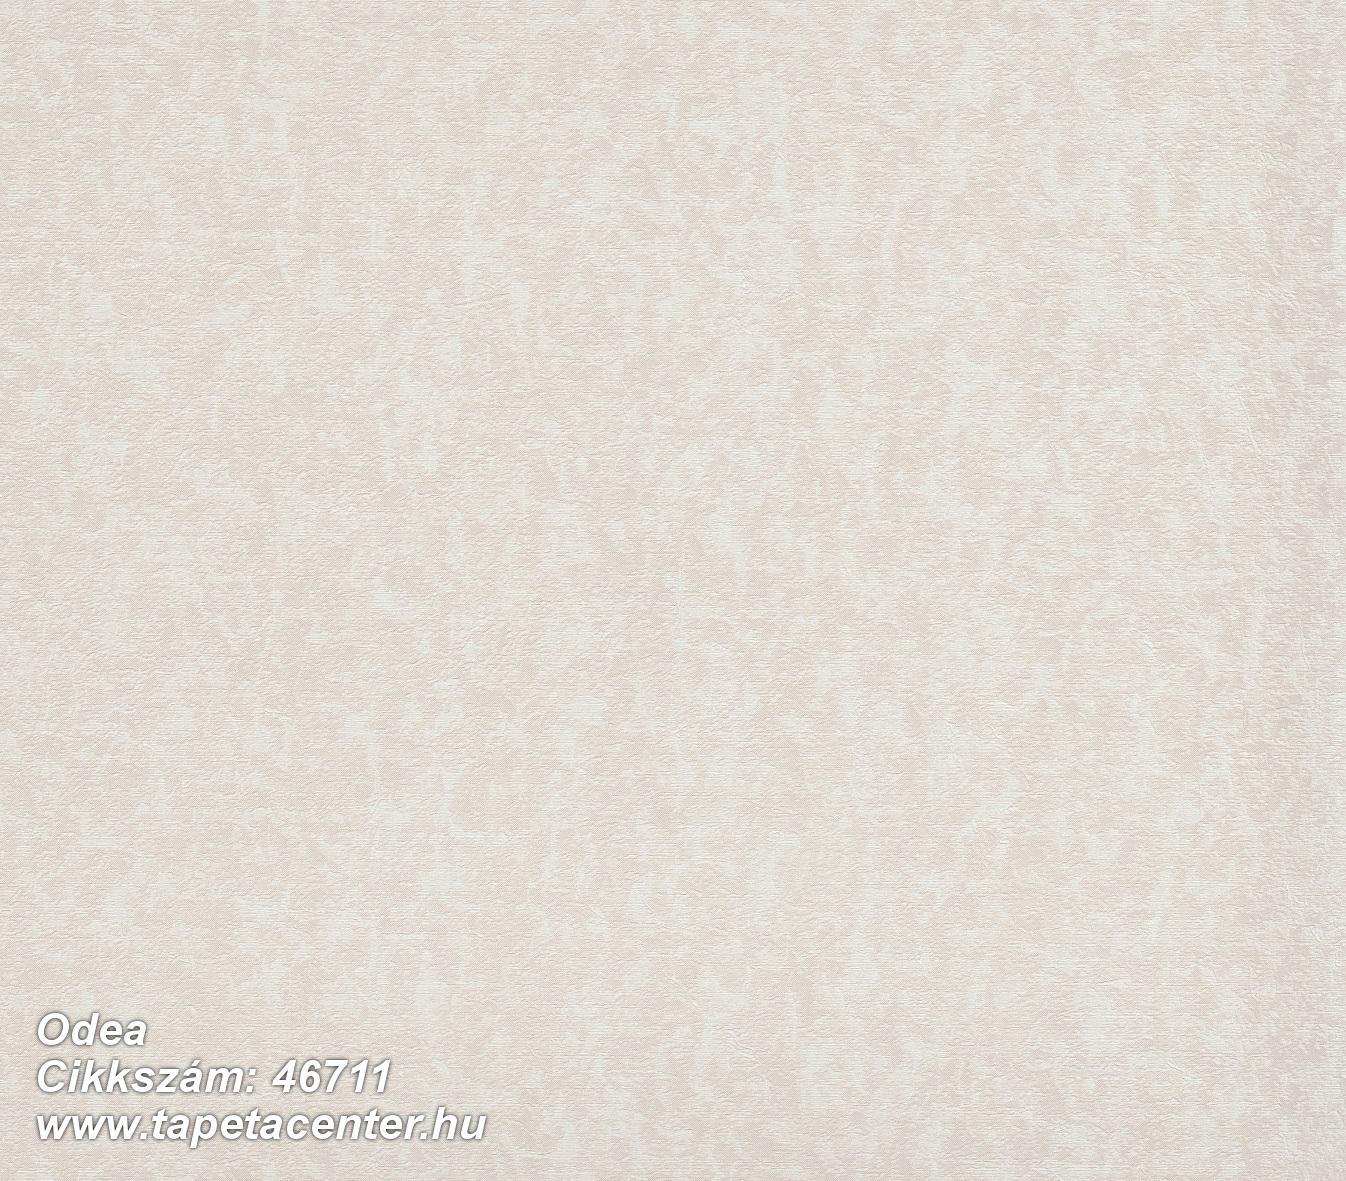 Odea - 46711 Olasz tapéta